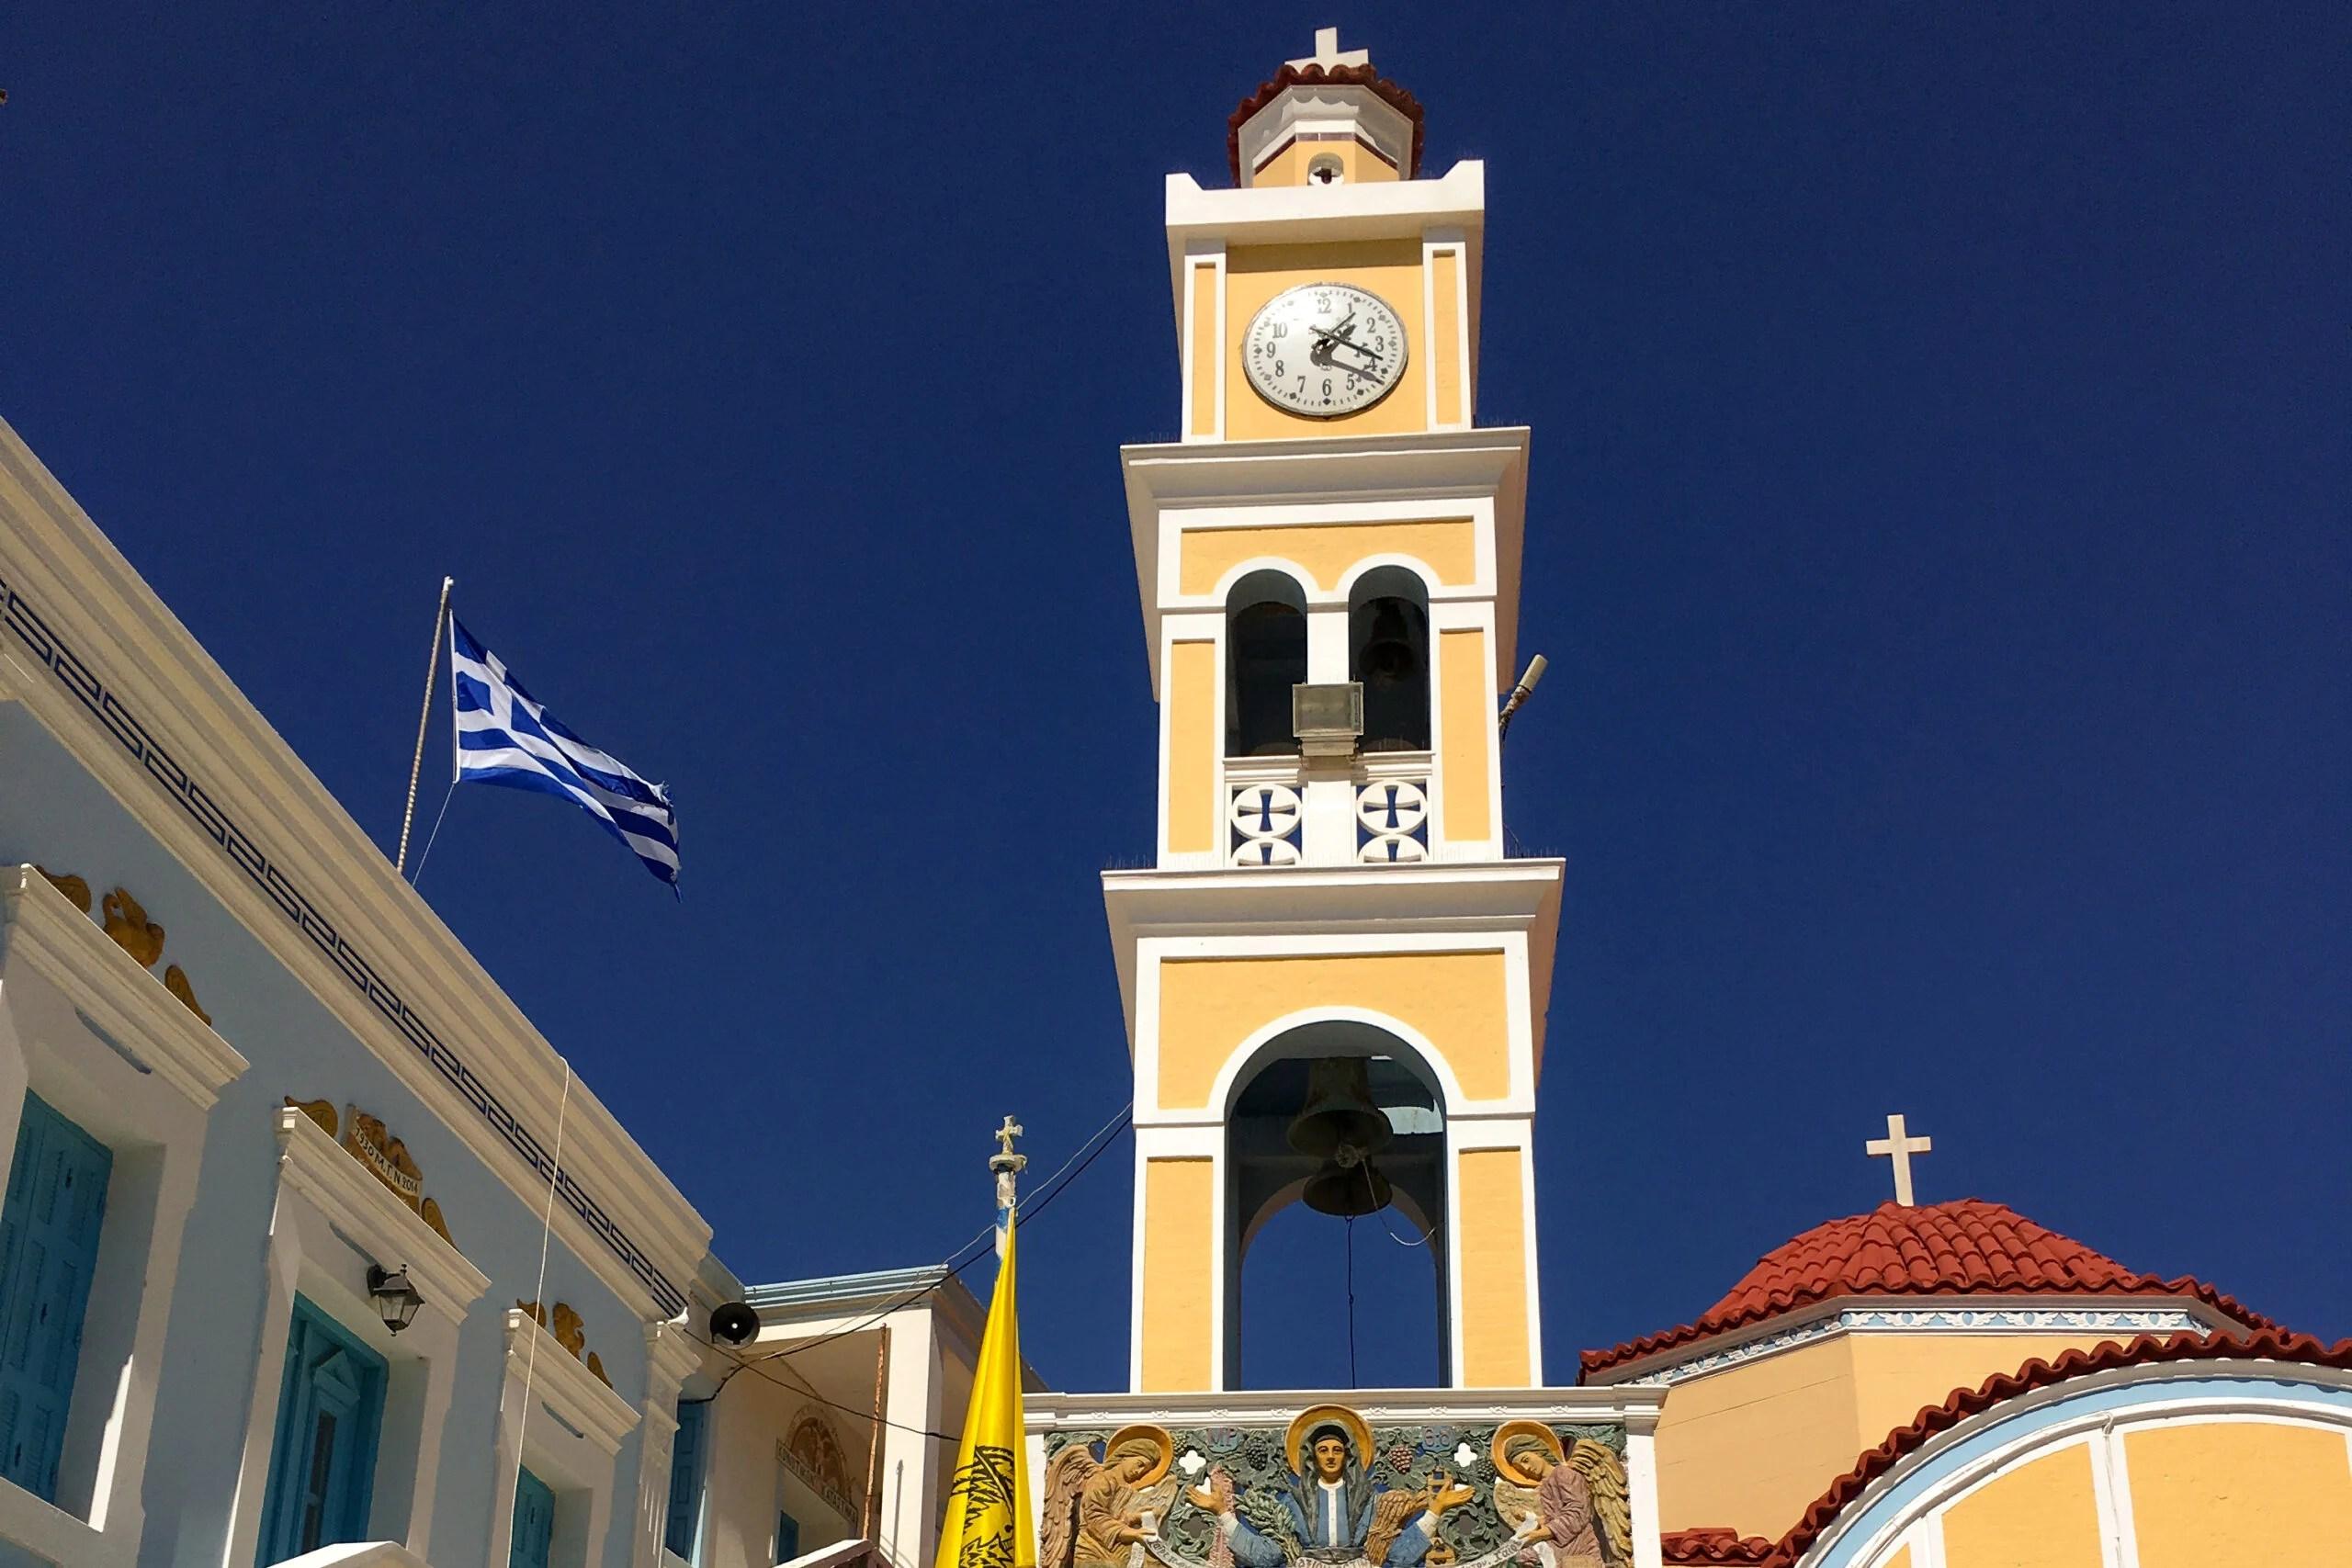 campanile di colore giallo di una piccola chiesa con una bandiera della grecia che sventola